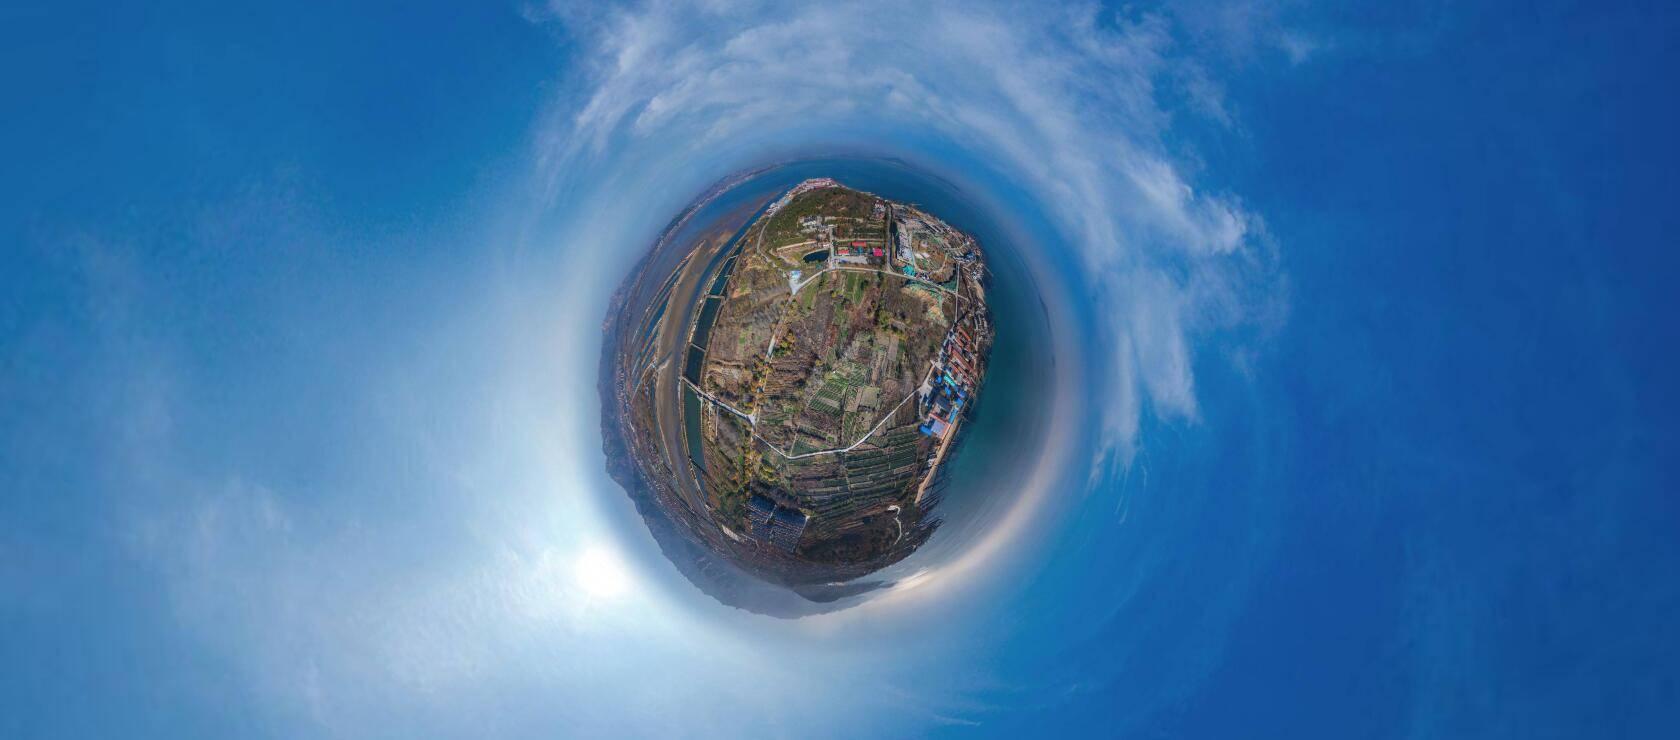 青岛有360VR全景制作公司吗?青岛VR全景拍摄市场分析-酷雷曼全景问答